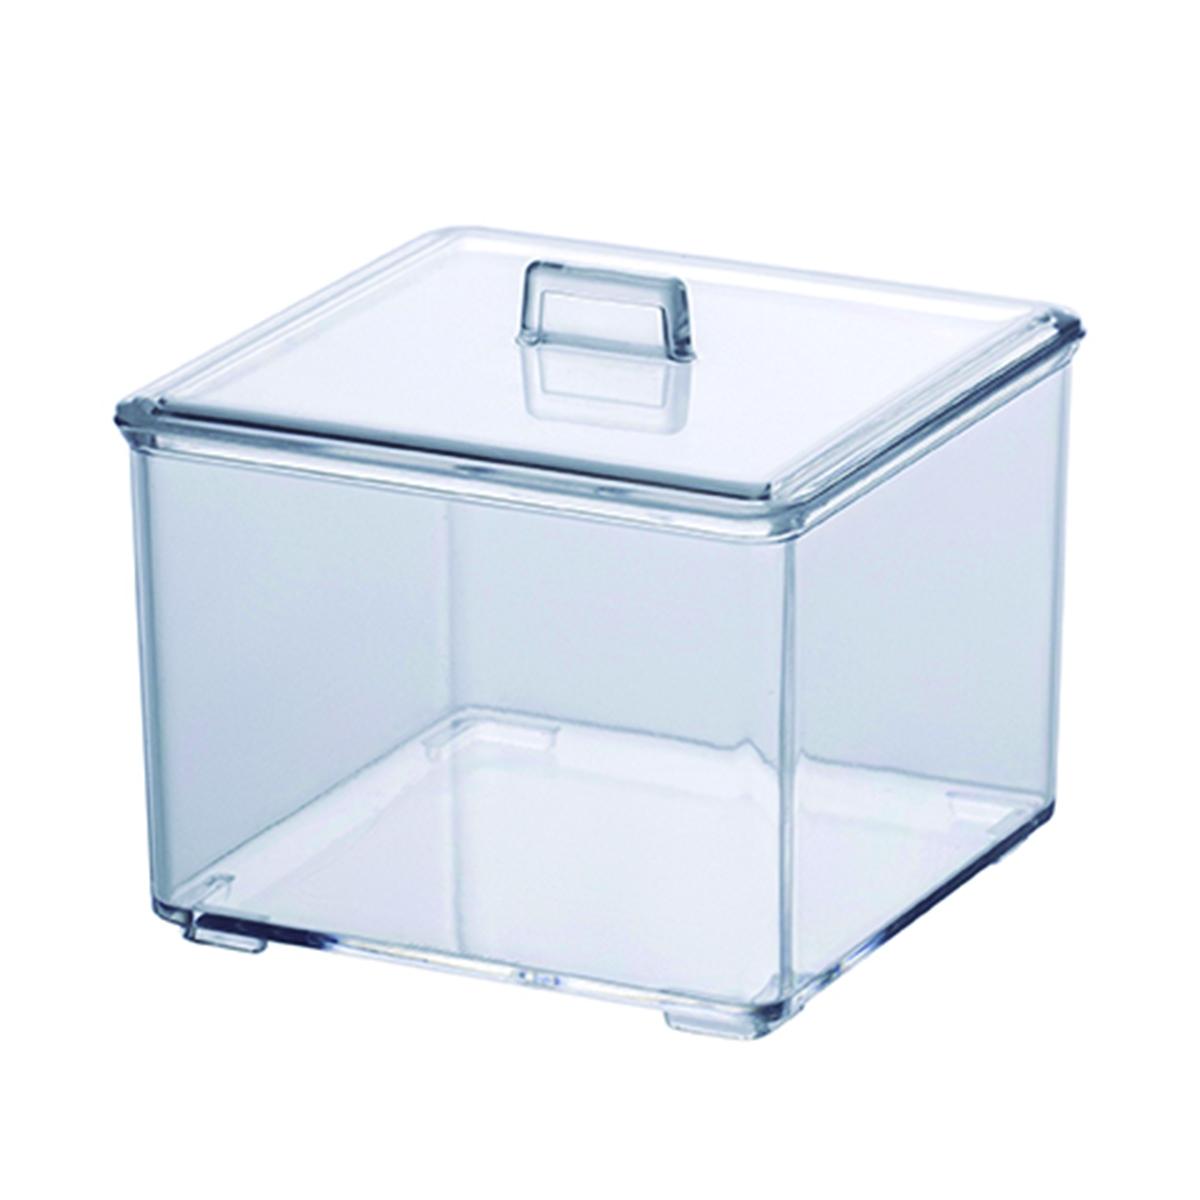 Porta Algodão Paramount Plásticos Quadrado 9,5 x 9,5 x 9,5 cm - 12